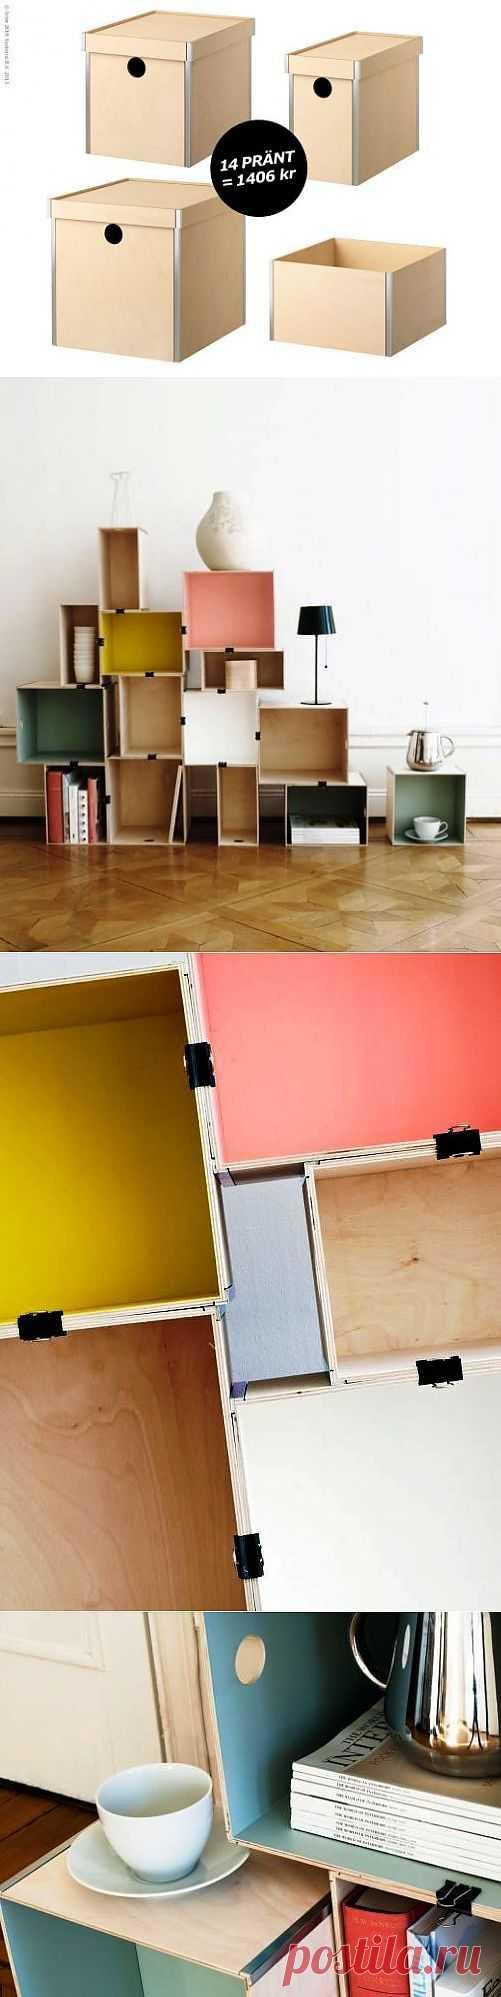 Шкаф своими руками за 5 минут / Мебель / Модный сайт о стильной переделке одежды и интерьера